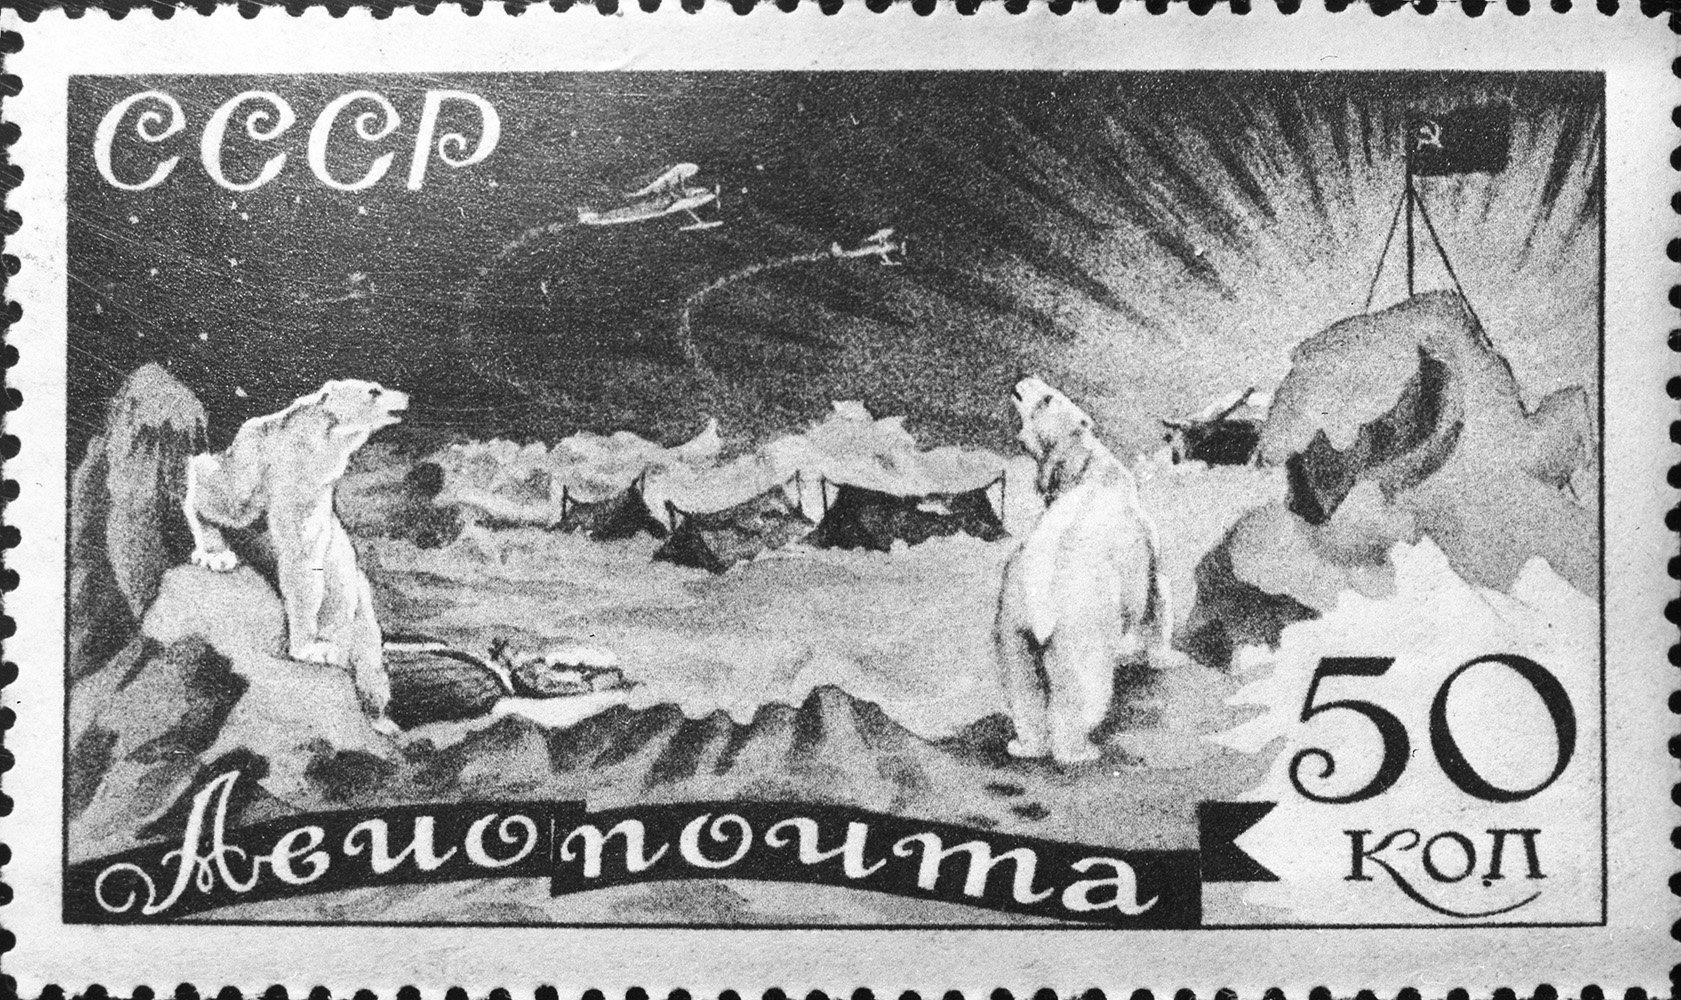 Посвящённая спасению ледокола «Челюскин» почтовая марка СССР. Выпущена в 1935 году. Репродукция